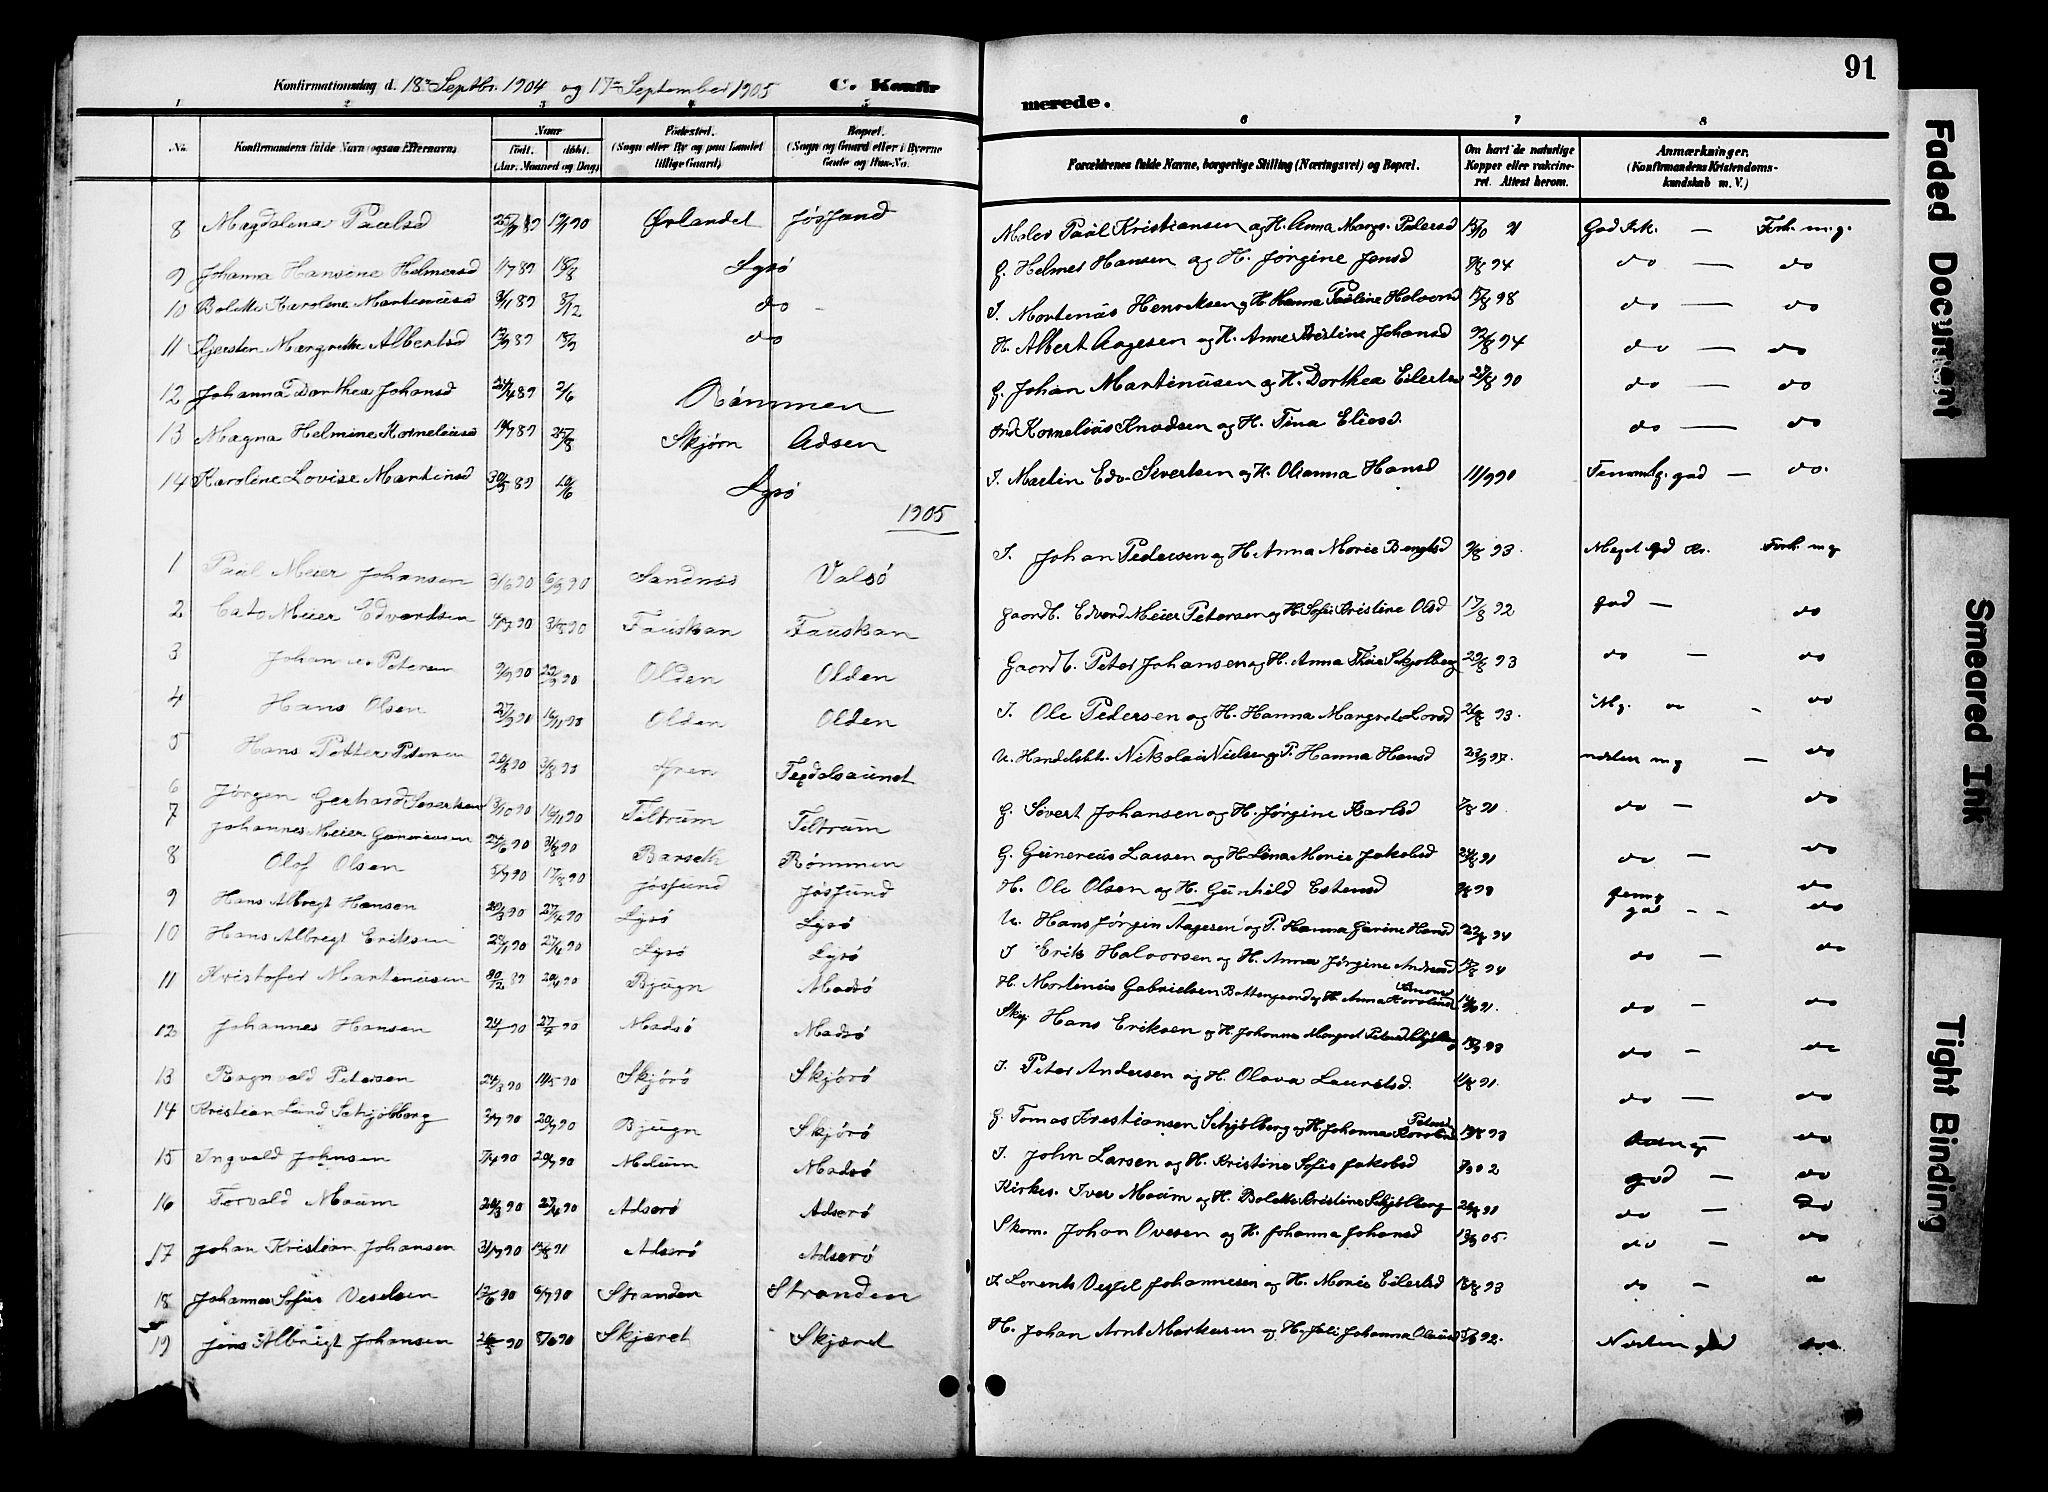 SAT, Ministerialprotokoller, klokkerbøker og fødselsregistre - Sør-Trøndelag, 654/L0666: Klokkerbok nr. 654C02, 1901-1925, s. 91